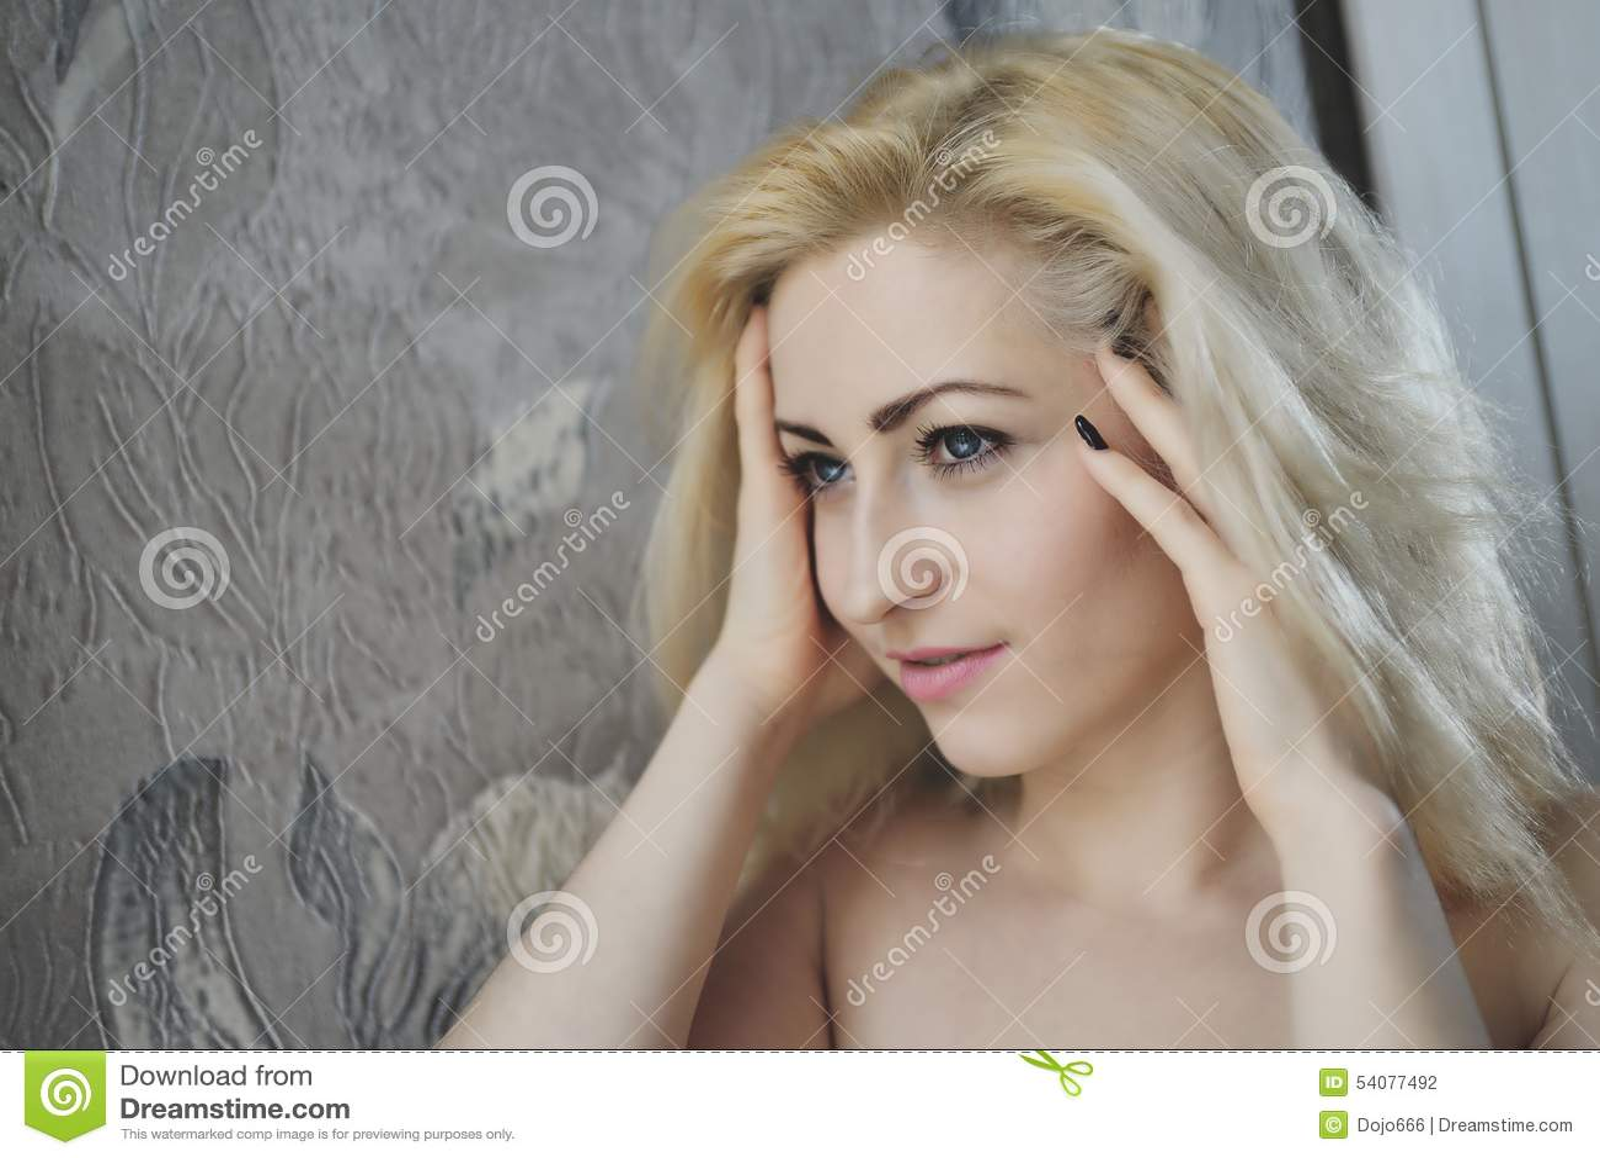 Portret dichte omhooggaand van jonge mooie blondevrouw